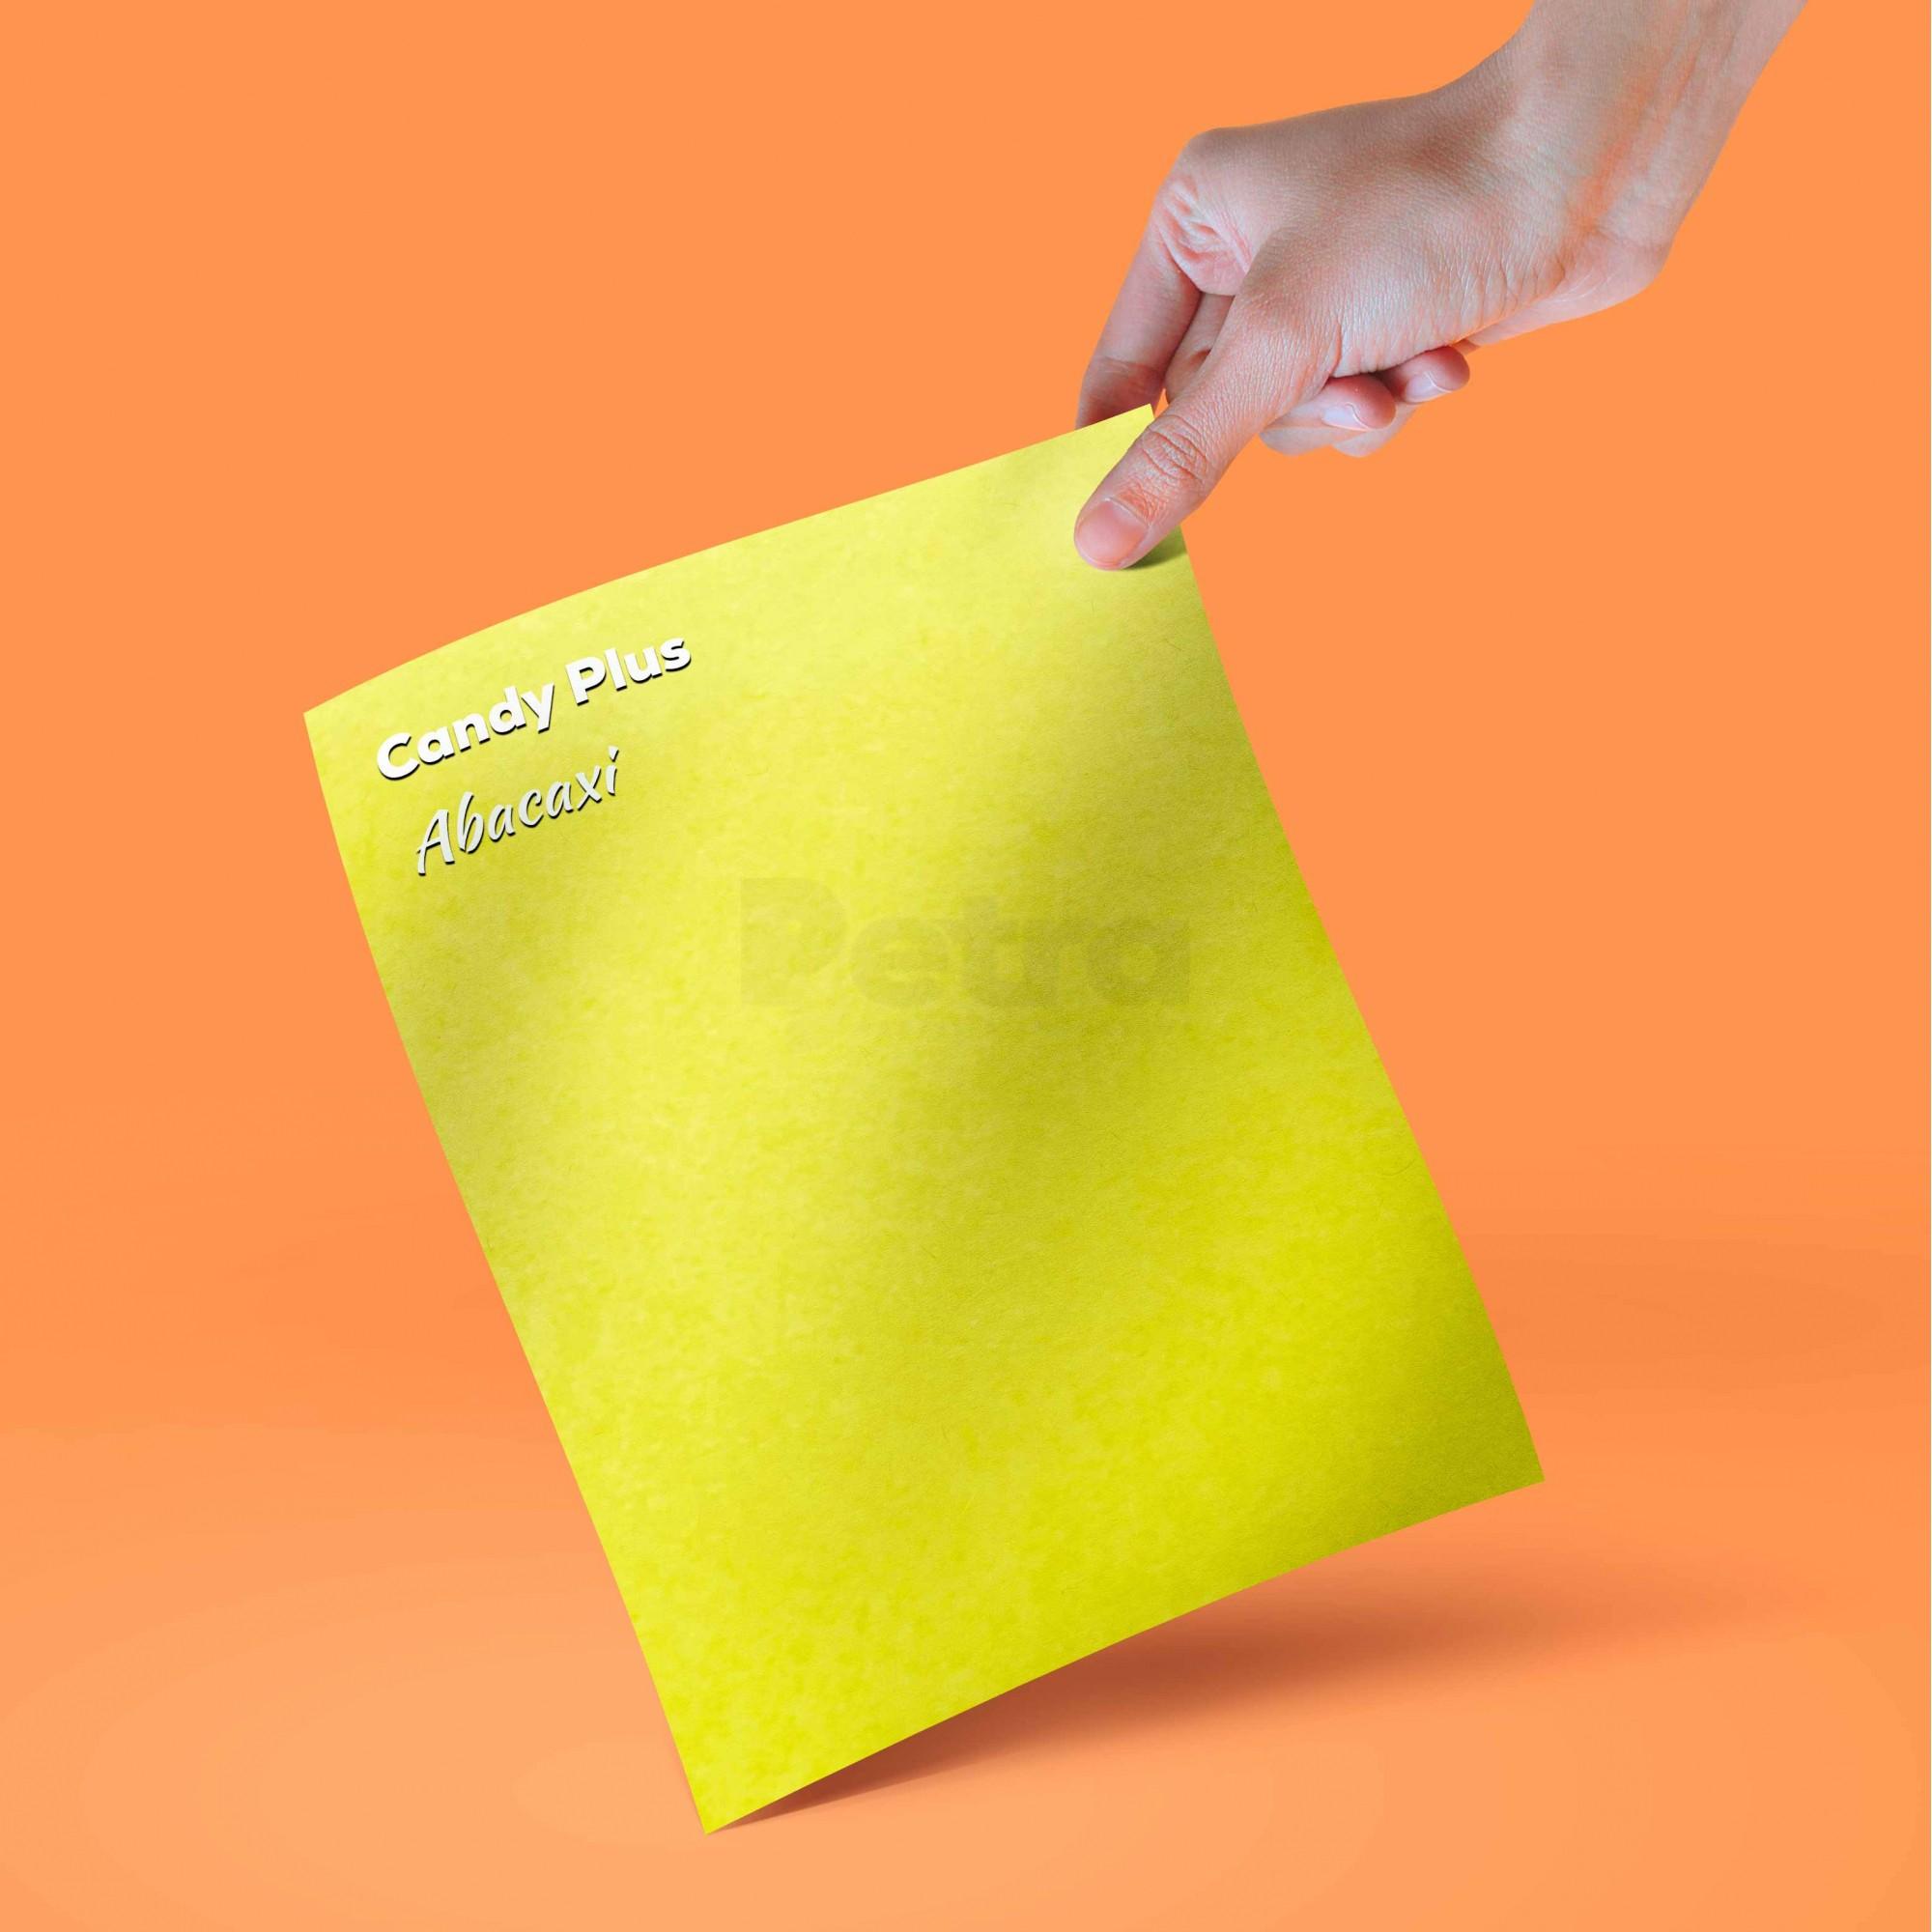 Candy Plus - Abacaxi - Amarelo  - Tam. A4 - 240g/m² - 20 folhas